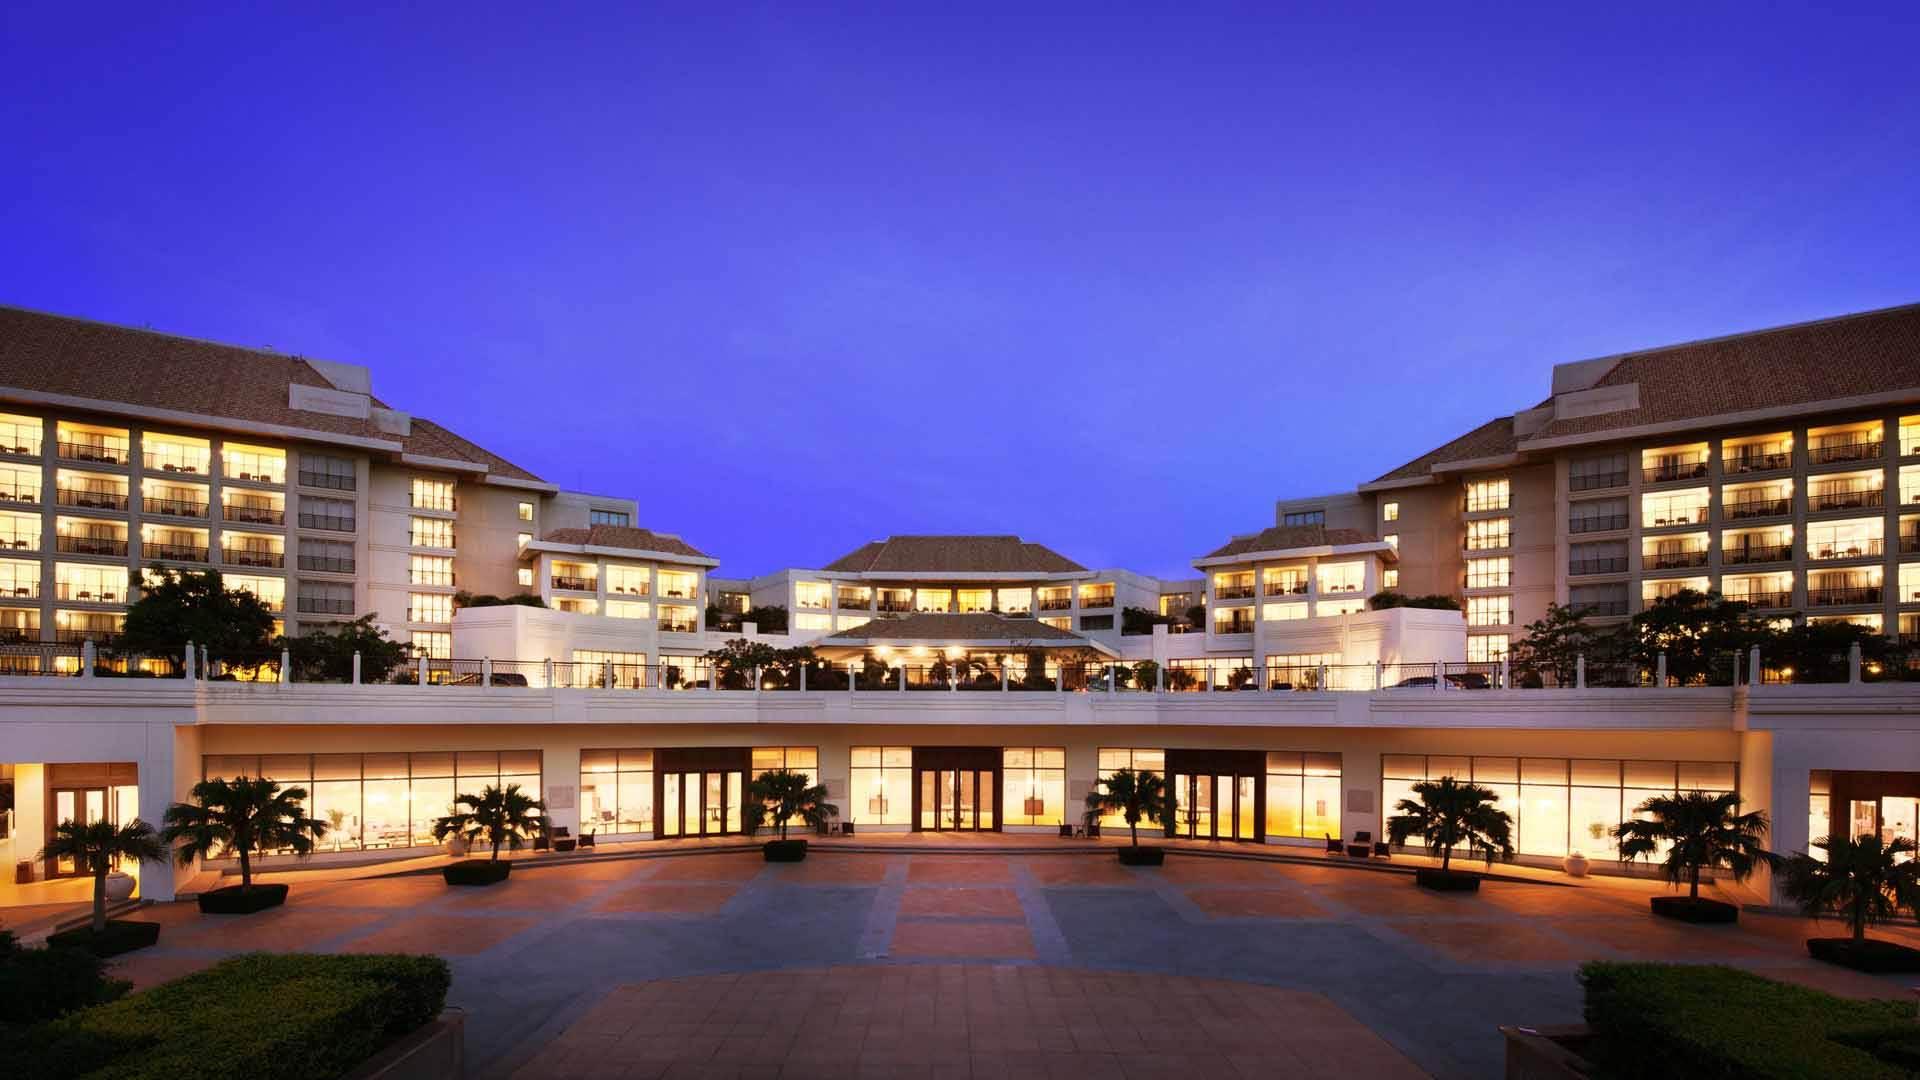 成都三亚亚龙湾万豪度假酒店园景房5日双飞跟团游